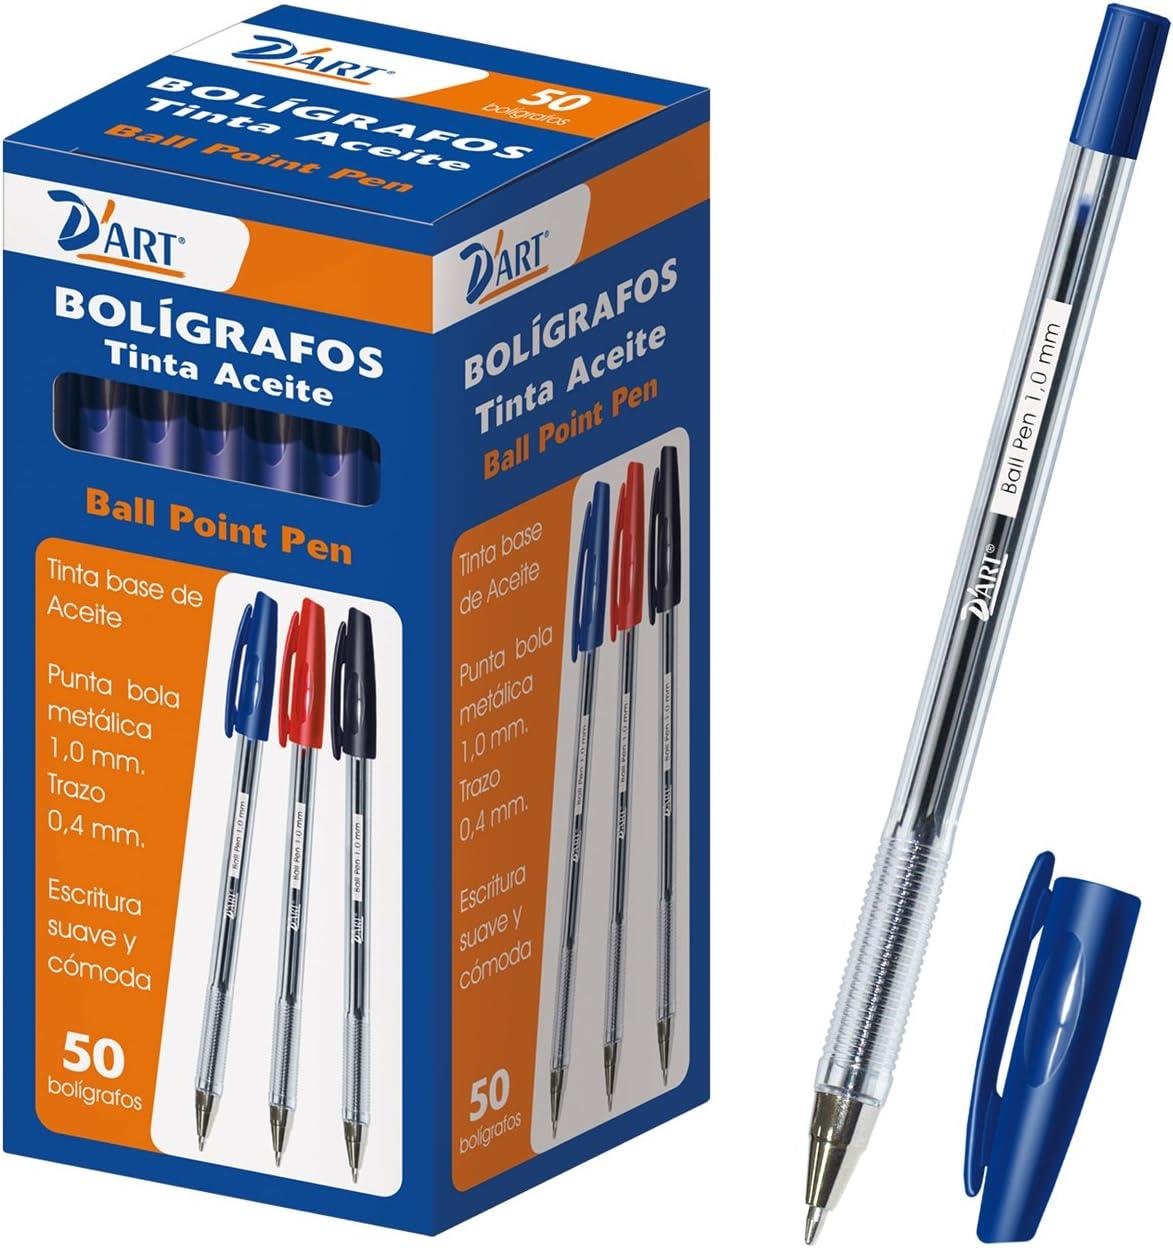 DArt 79410 - Caja de bolígrafos, 1 mm, 50 unidades, color azul: Amazon.es: Oficina y papelería